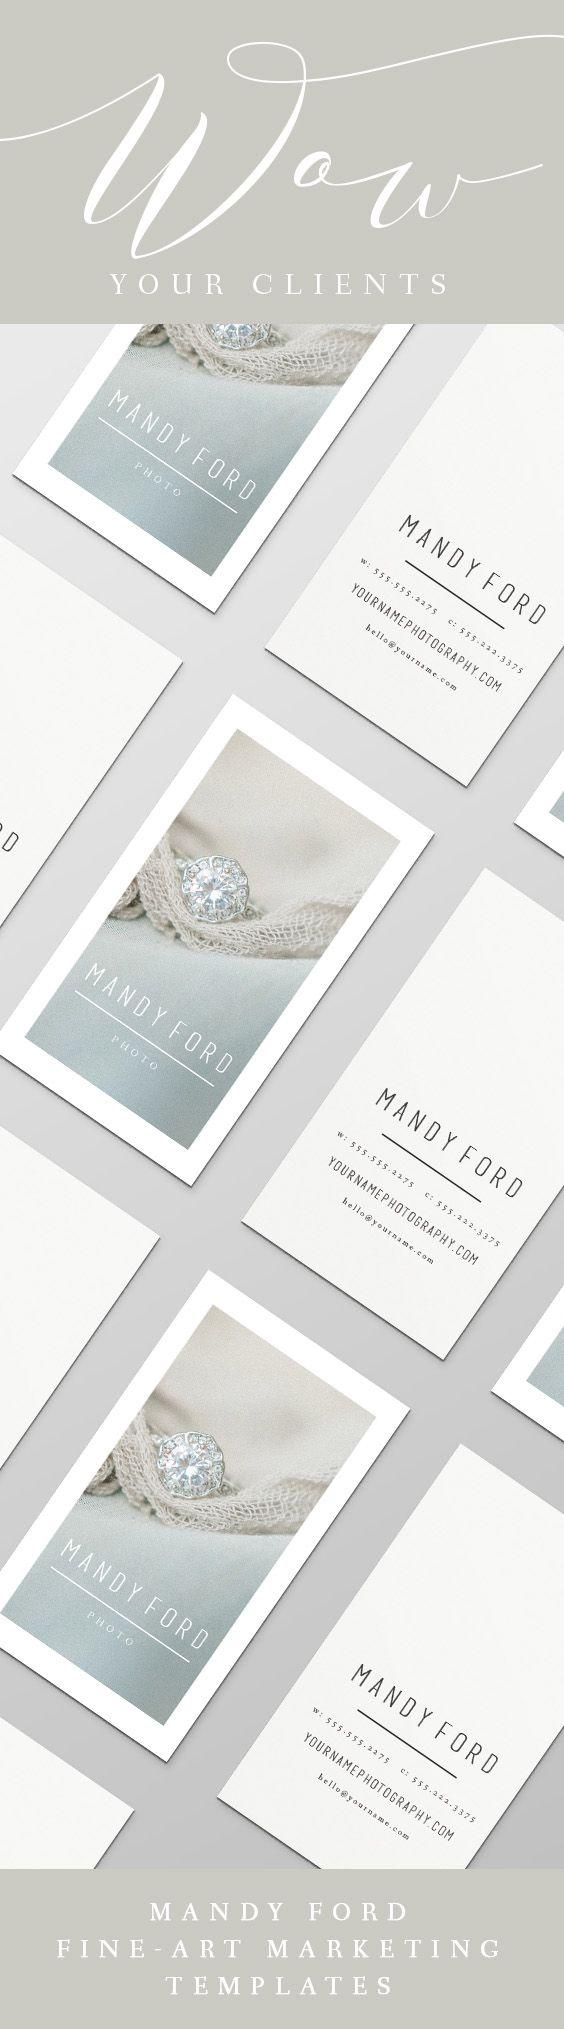 Best 25+ Standard business card size ideas on Pinterest | Card ...